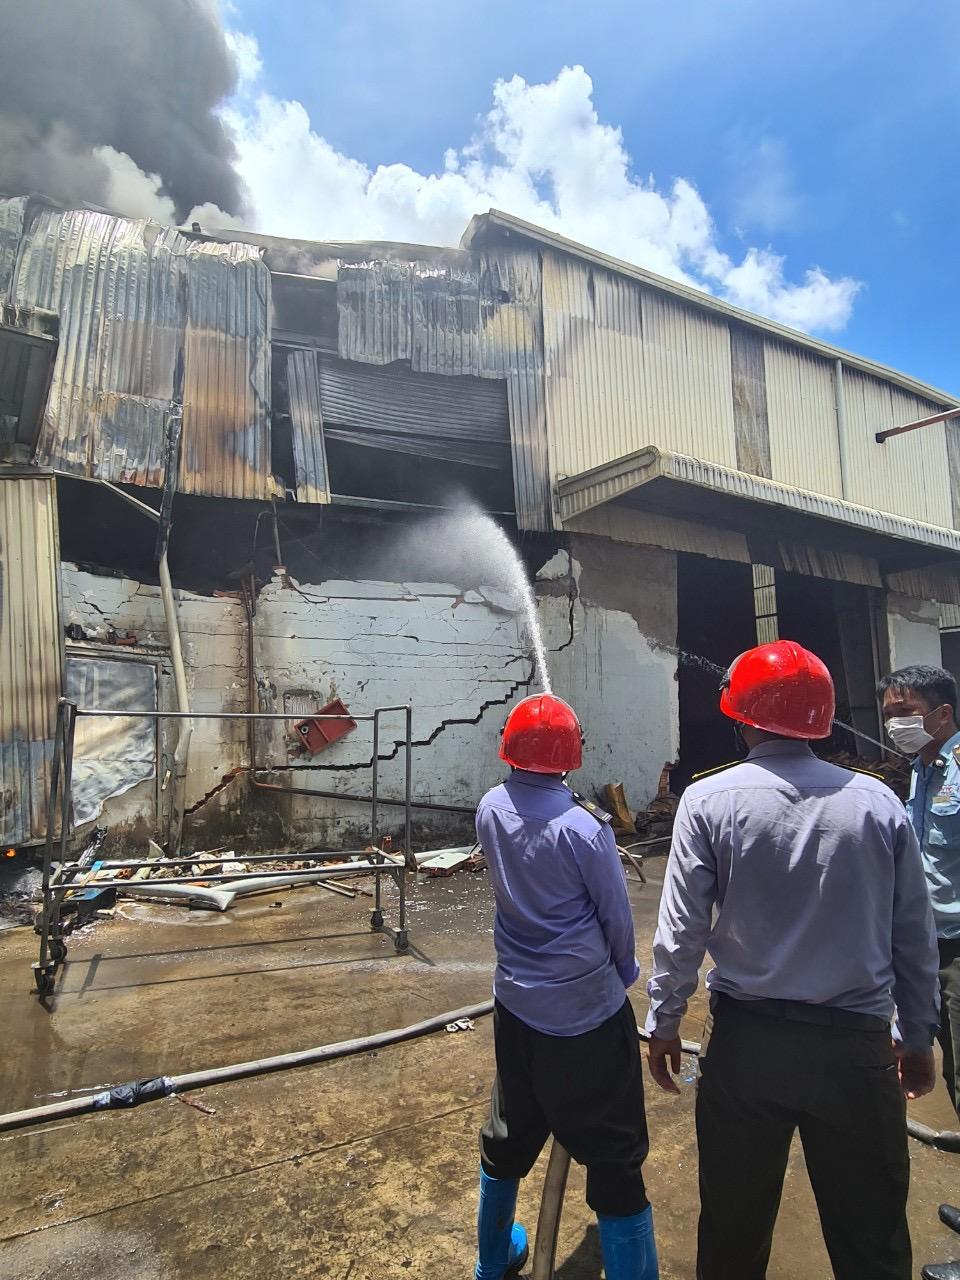 Đến 14g30, ngọn lửa được dập tắt và bảo vệ công ty vẫn đang phun nước làm mát